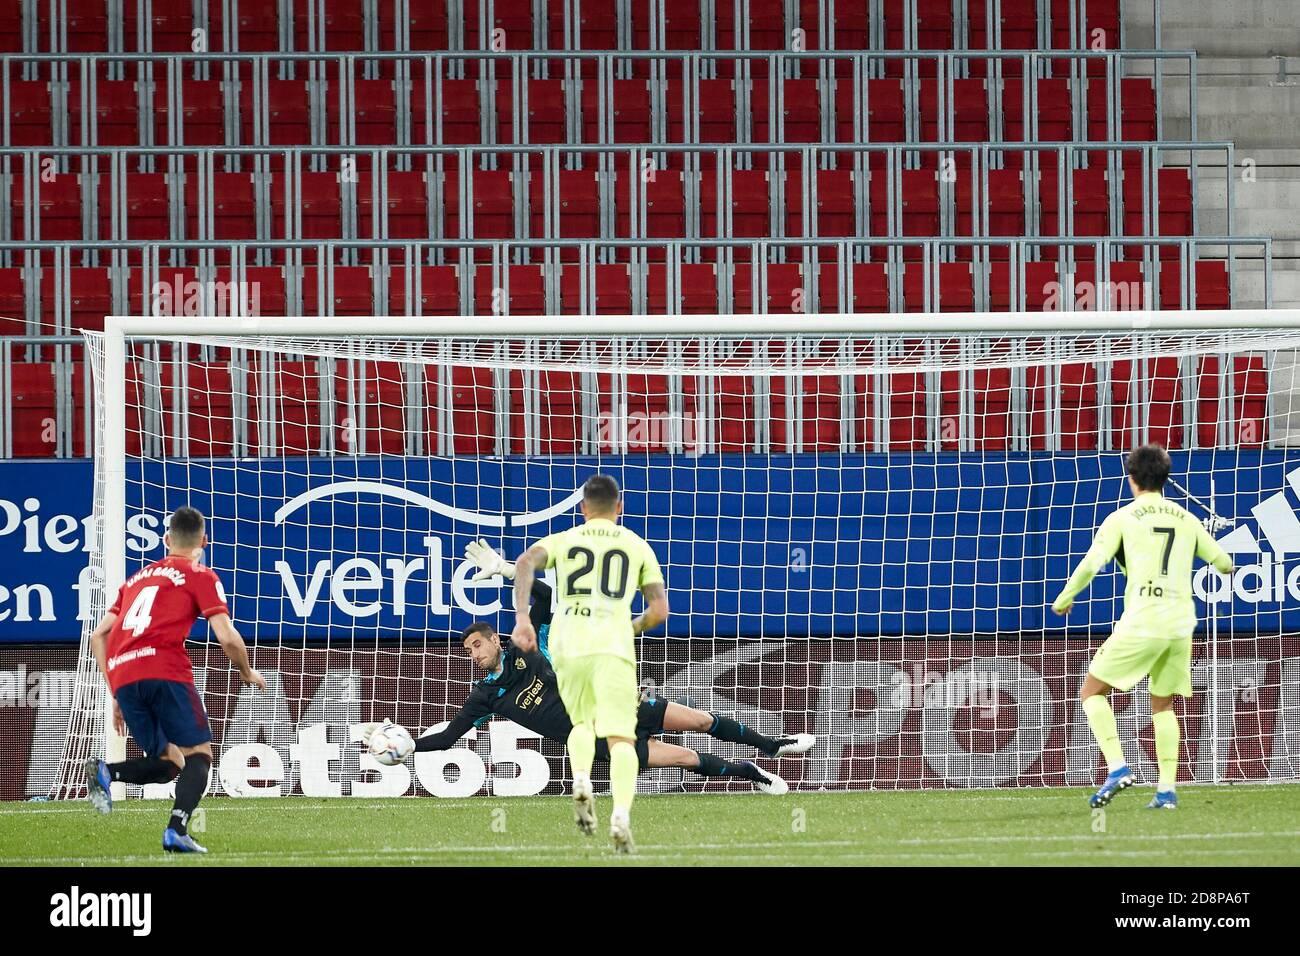 Sergio Herrera (portero; CA Osasuna) en acción durante la Liga Santander española, partido entre CA Osasuna y el Atlético de Madrid en el estadio Sadar. (Marcador final: CA Osasuna 1-3 Atlético de Madrid) Foto de stock